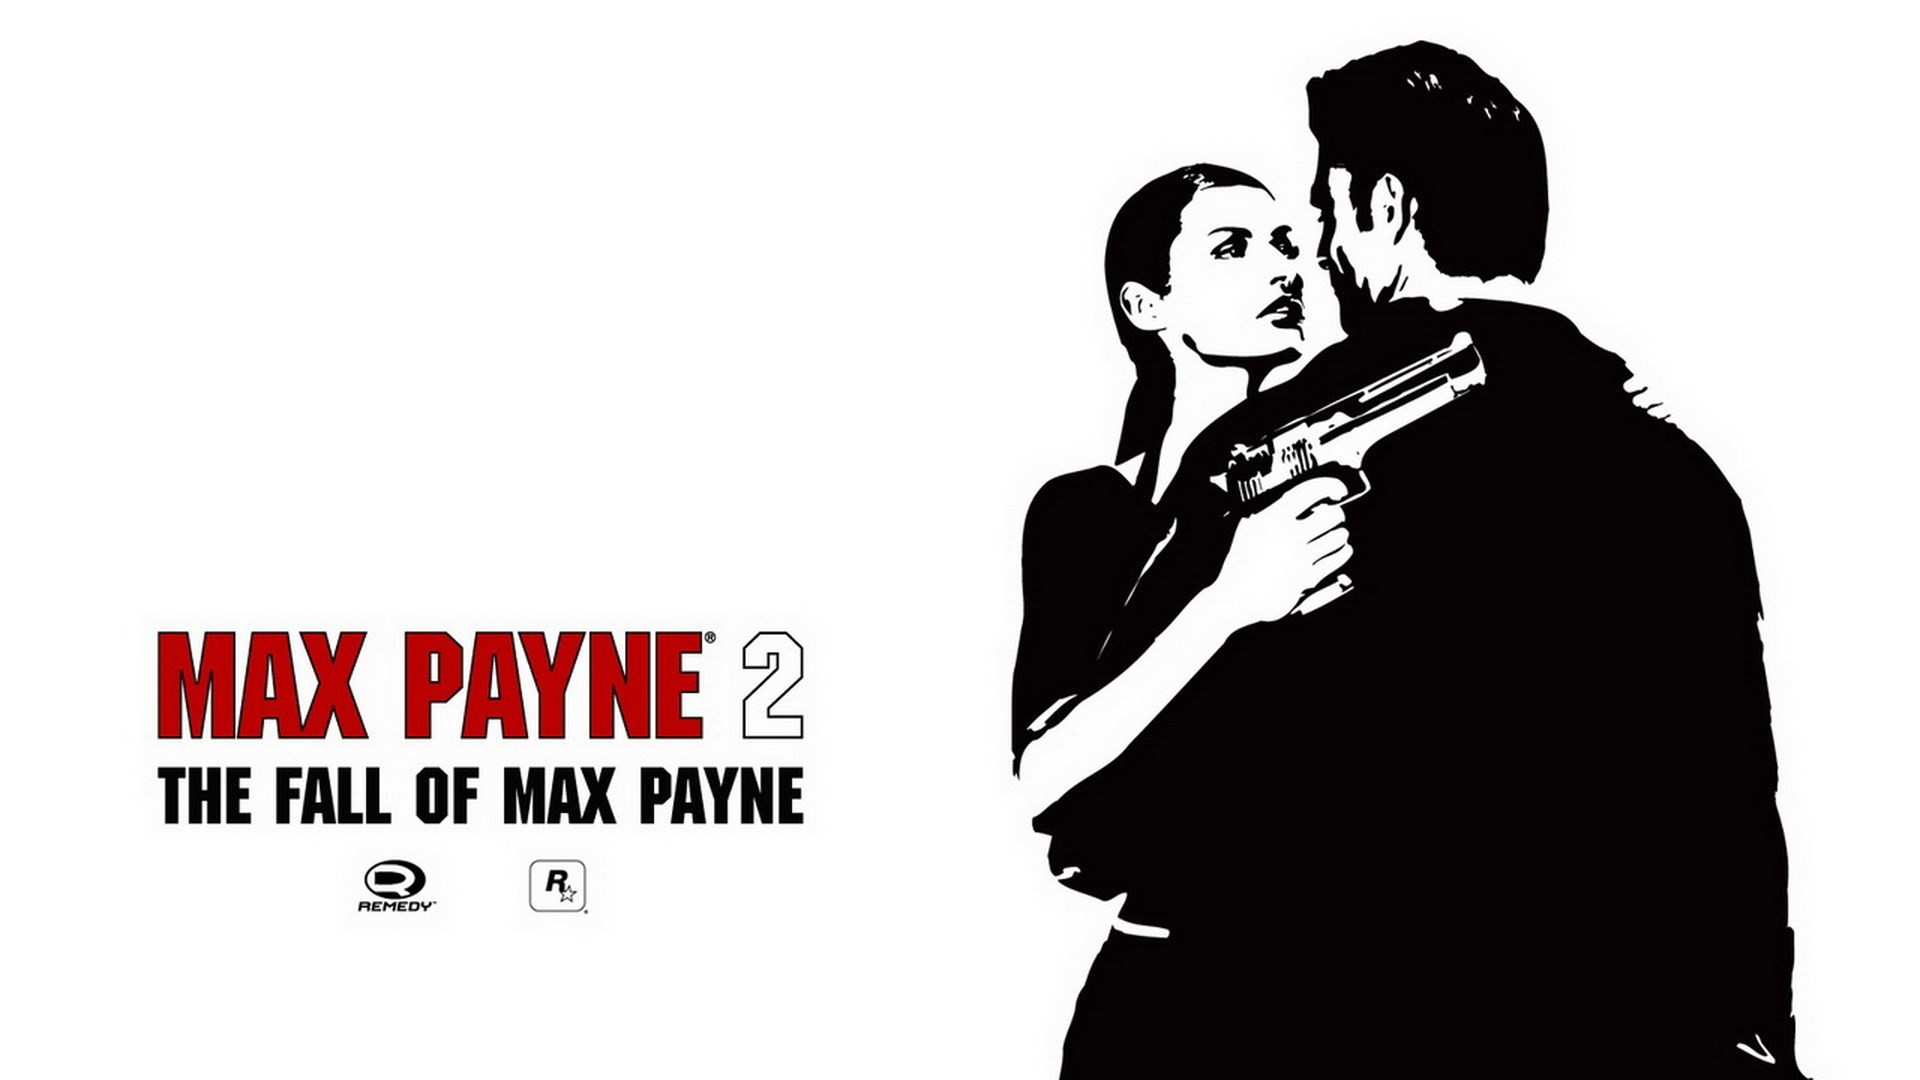 Fall Max Payne Hd Wallpapers Max Payne Wallpaper 65 Images